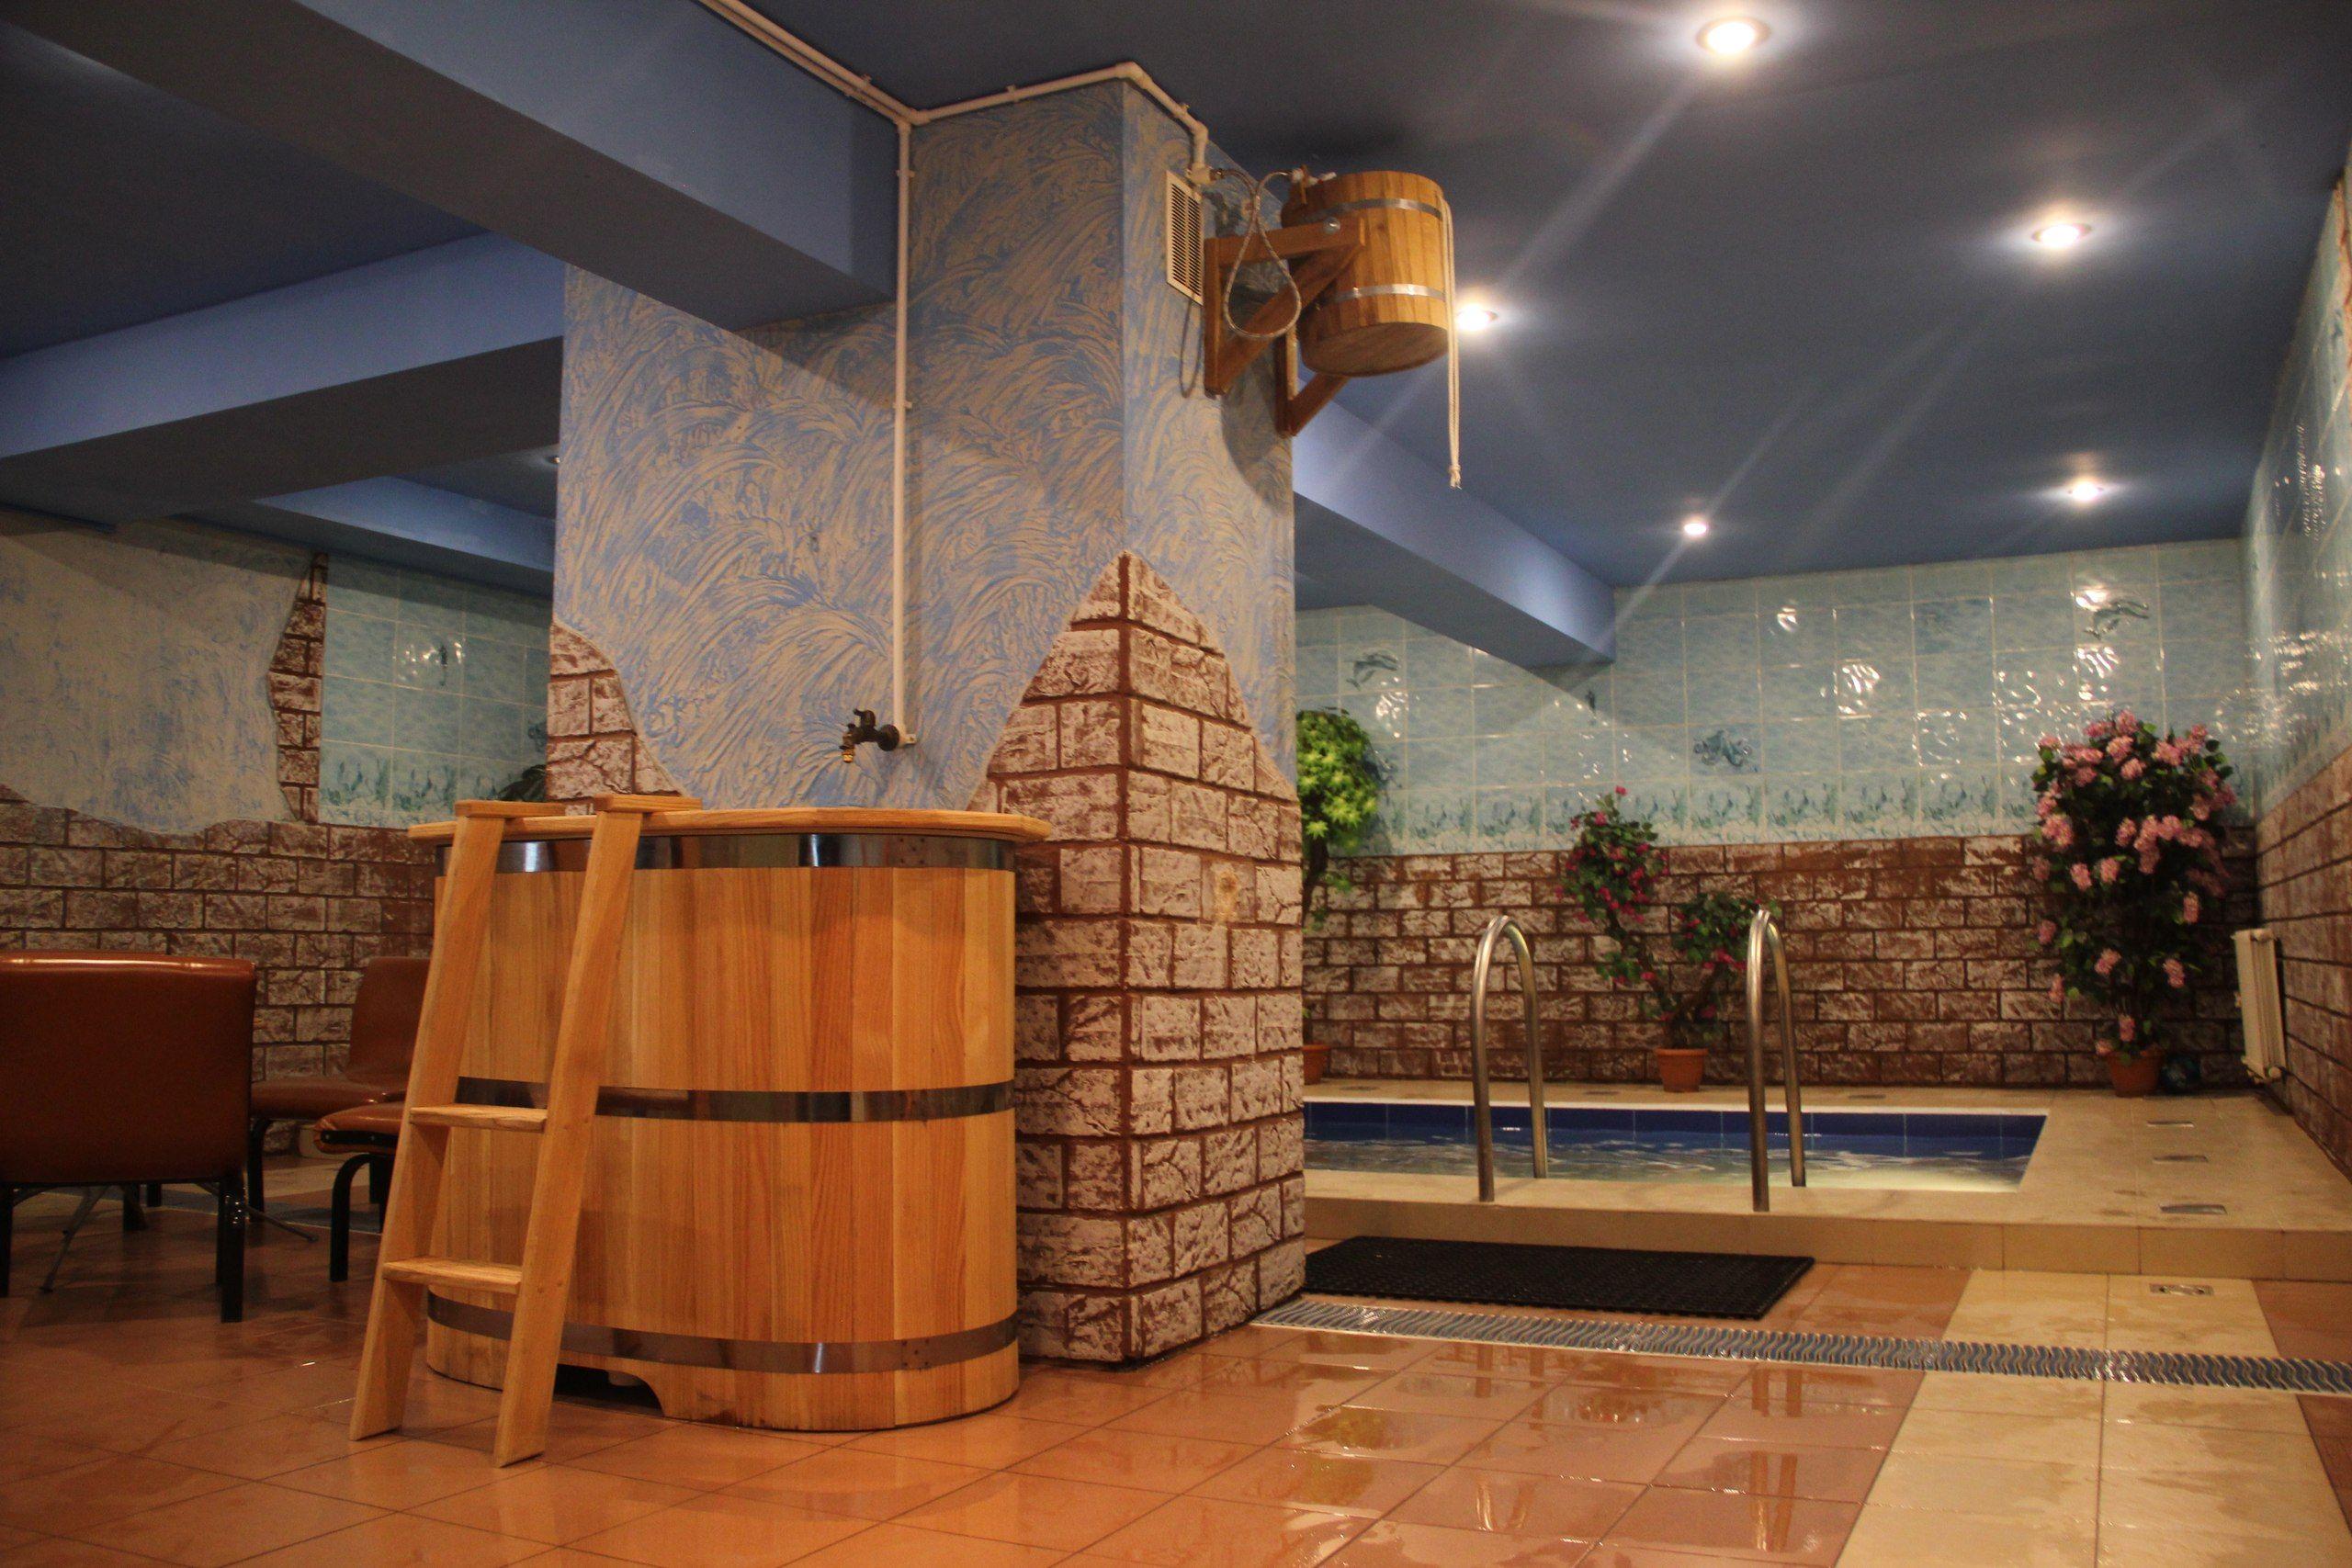 Лучшие бани и сауны Санкт-Петербурга в 2020 году